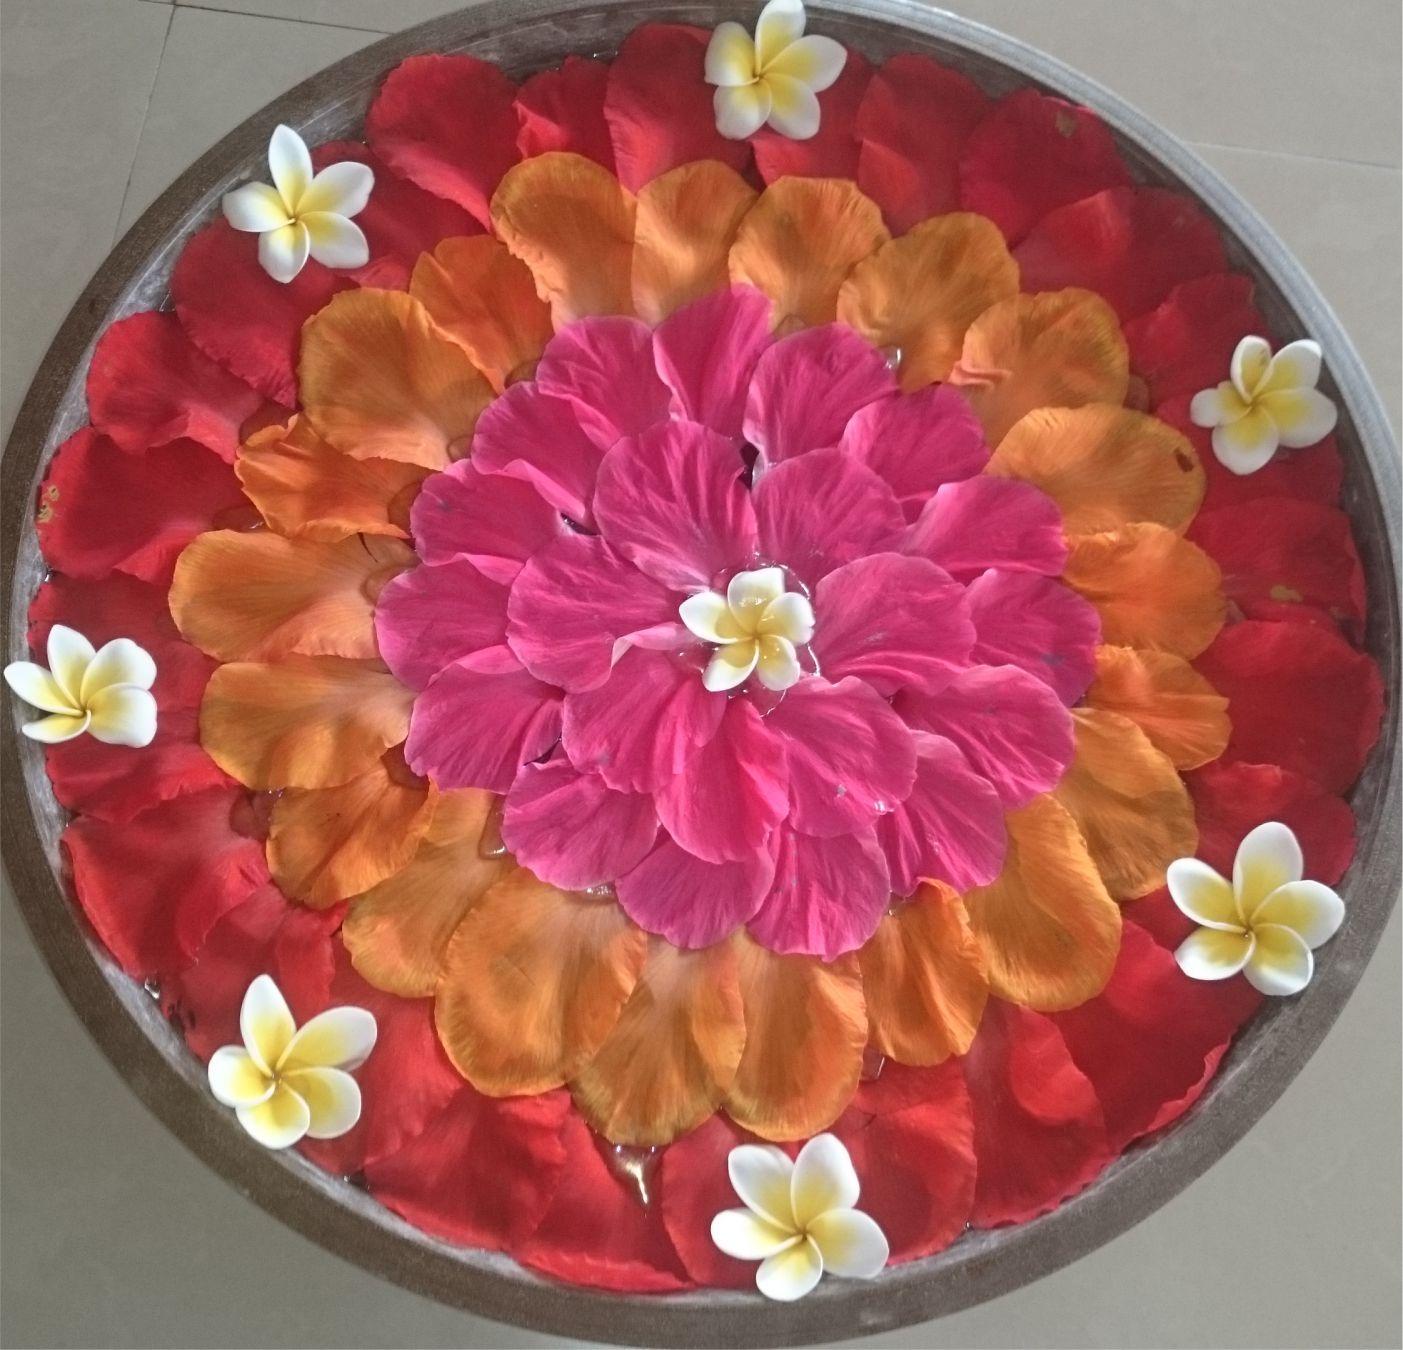 Ez a szépség virágszírmokból készült. A szirmok egy tál vízben úsznak, hogy egész nap frissek maradjanak.